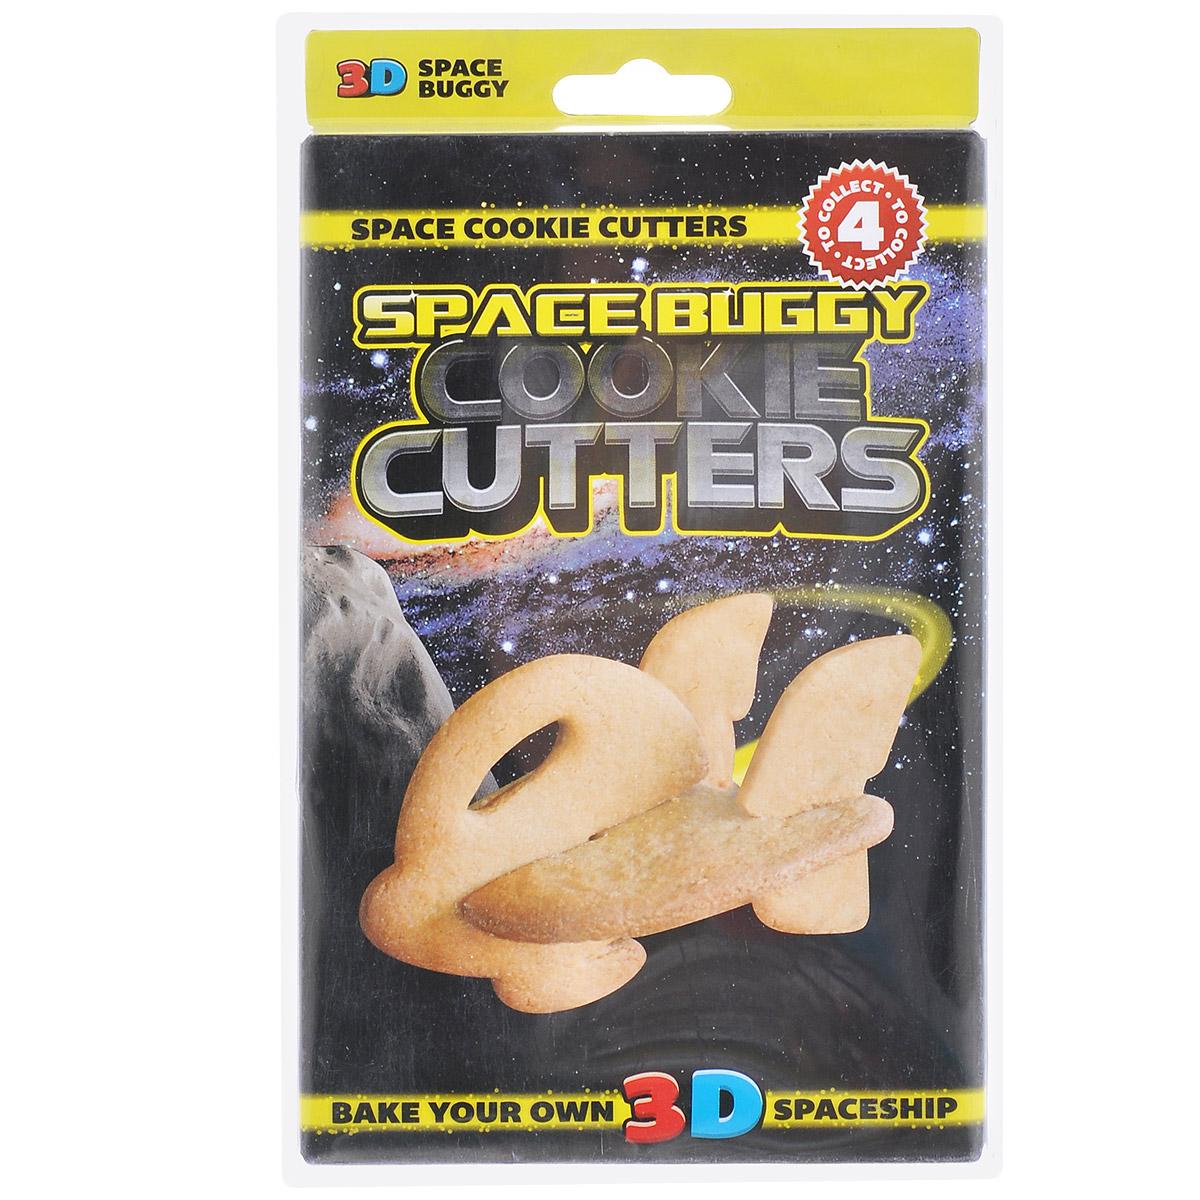 Форма для печенья 3D Suck UK Корабль, цвет: желтыйSK COOKIESPACE43D форма для печенья Suck UK Корабль, изготовленная из высококачественного и прочного пластика, состоит из пяти составных частей, которые позволяют собрать объемную фигуру в виде космического корабля. С такой формой легко и просто вырезать фигурное тесто для приготовления домашнего печенья.Форма для печенья Suck UK Корабль вдохновит вас и вашего ребенка на кулинарные шедевры.Можно мыть в посудомоечной машине. Размер самой большой составной части: 9 см х 8 см.Размер самой маленькой составной части: 4 см х 4 см.